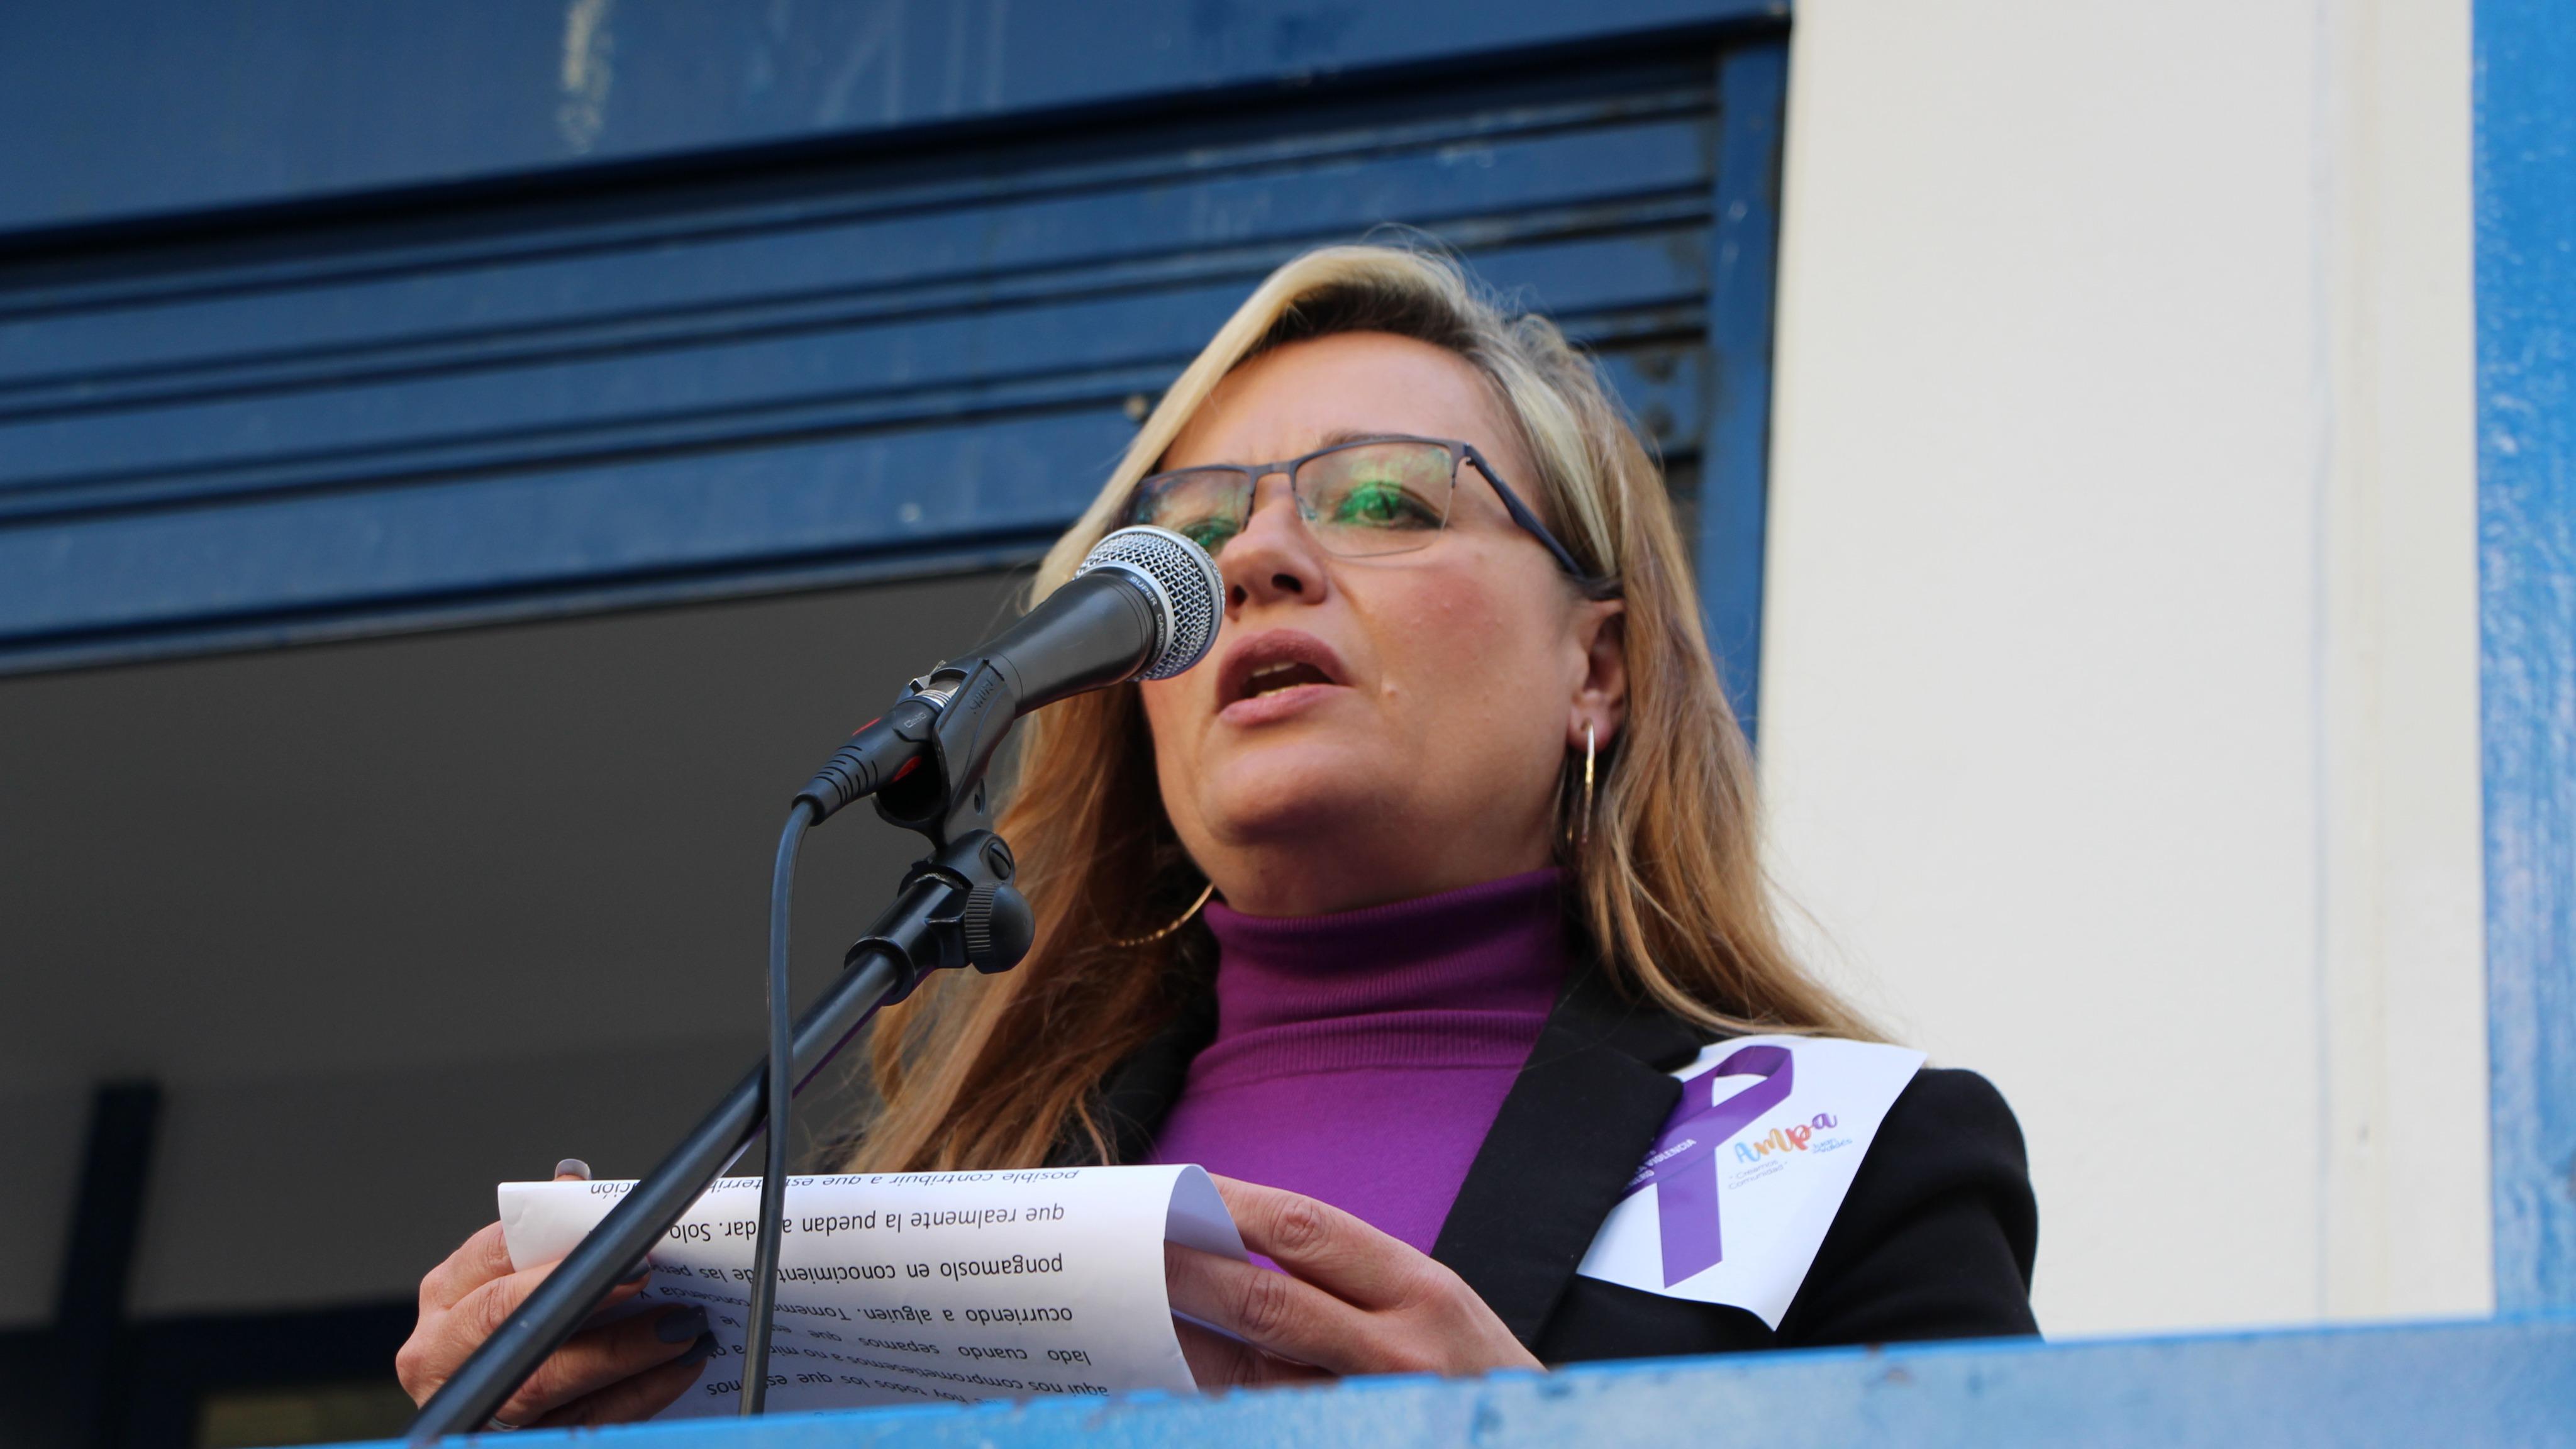 Un manifiesto, una canción por las víctimas y testimonios en el #25N